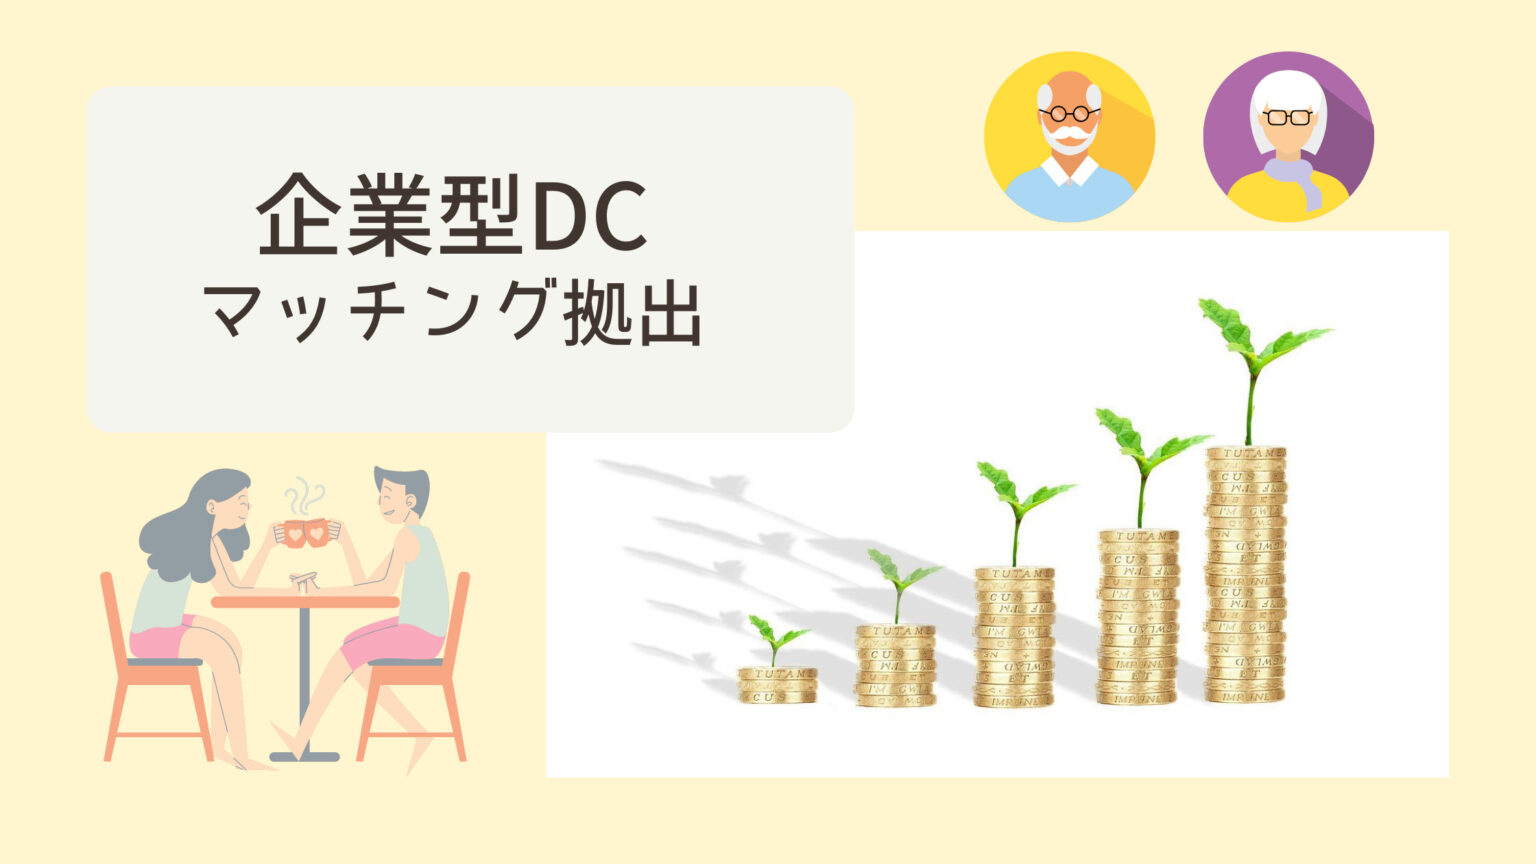 企業型DC 企業型確定拠出年金 マッチング拠出 節税 お得